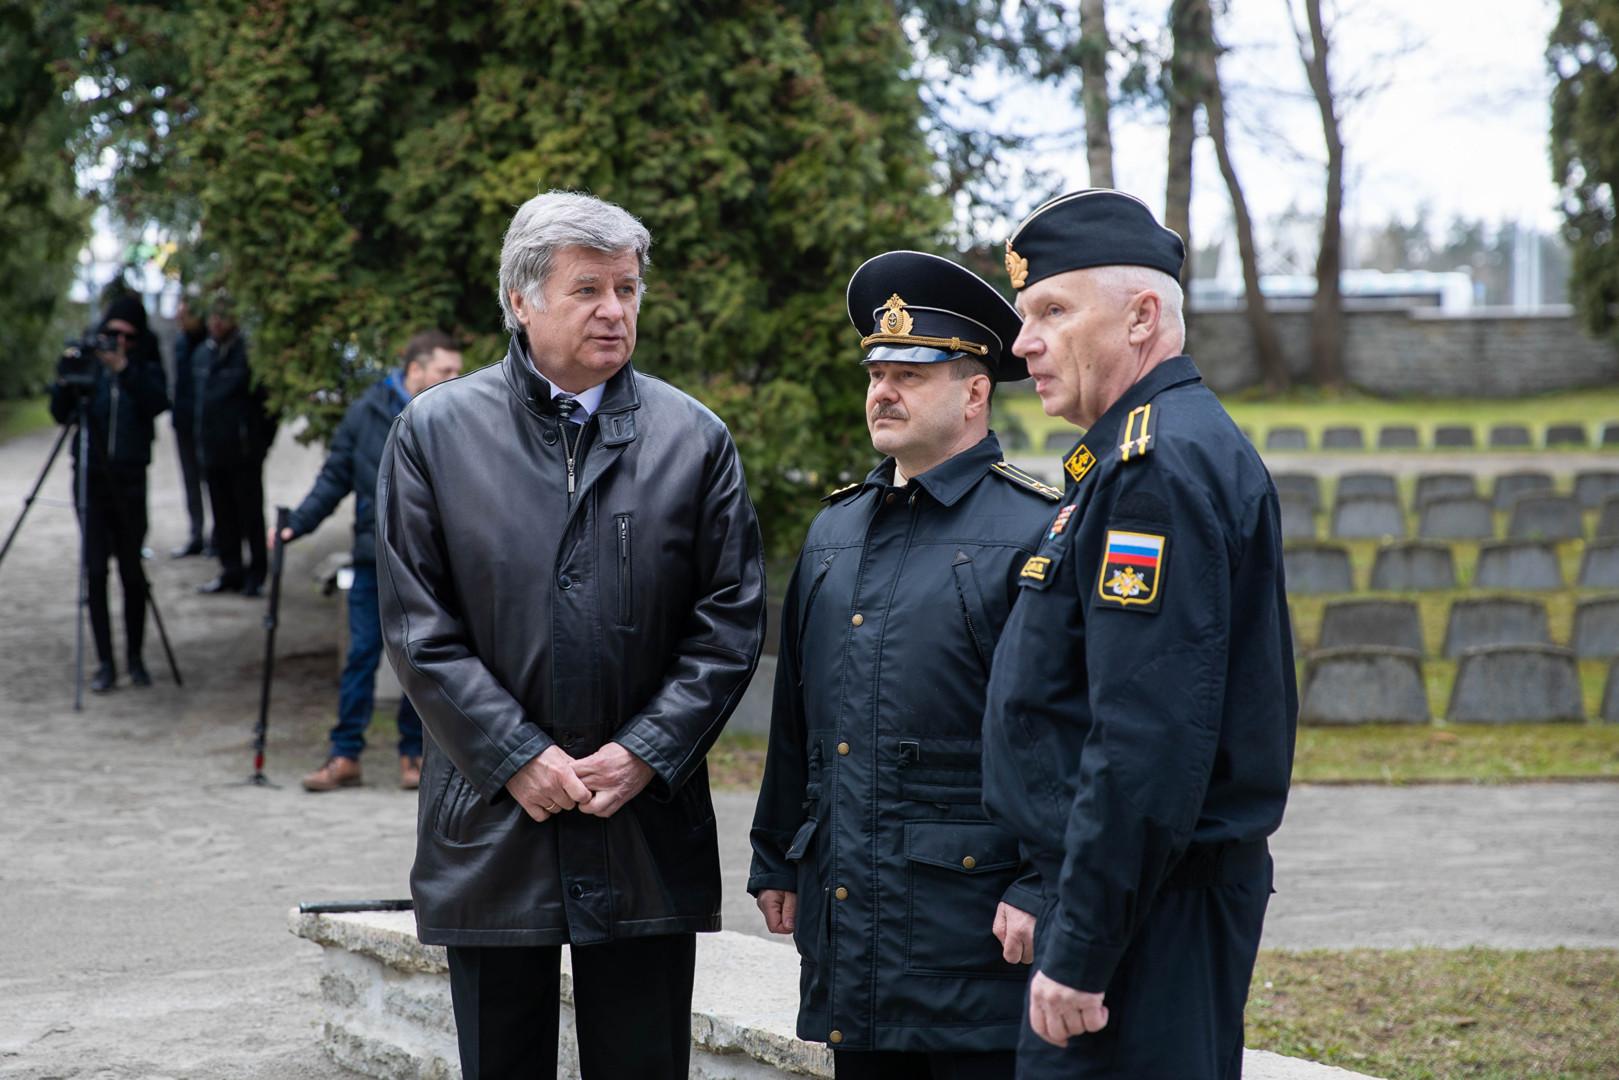 Посол РФ Александр Петров не соблюдает социальную дистанцию